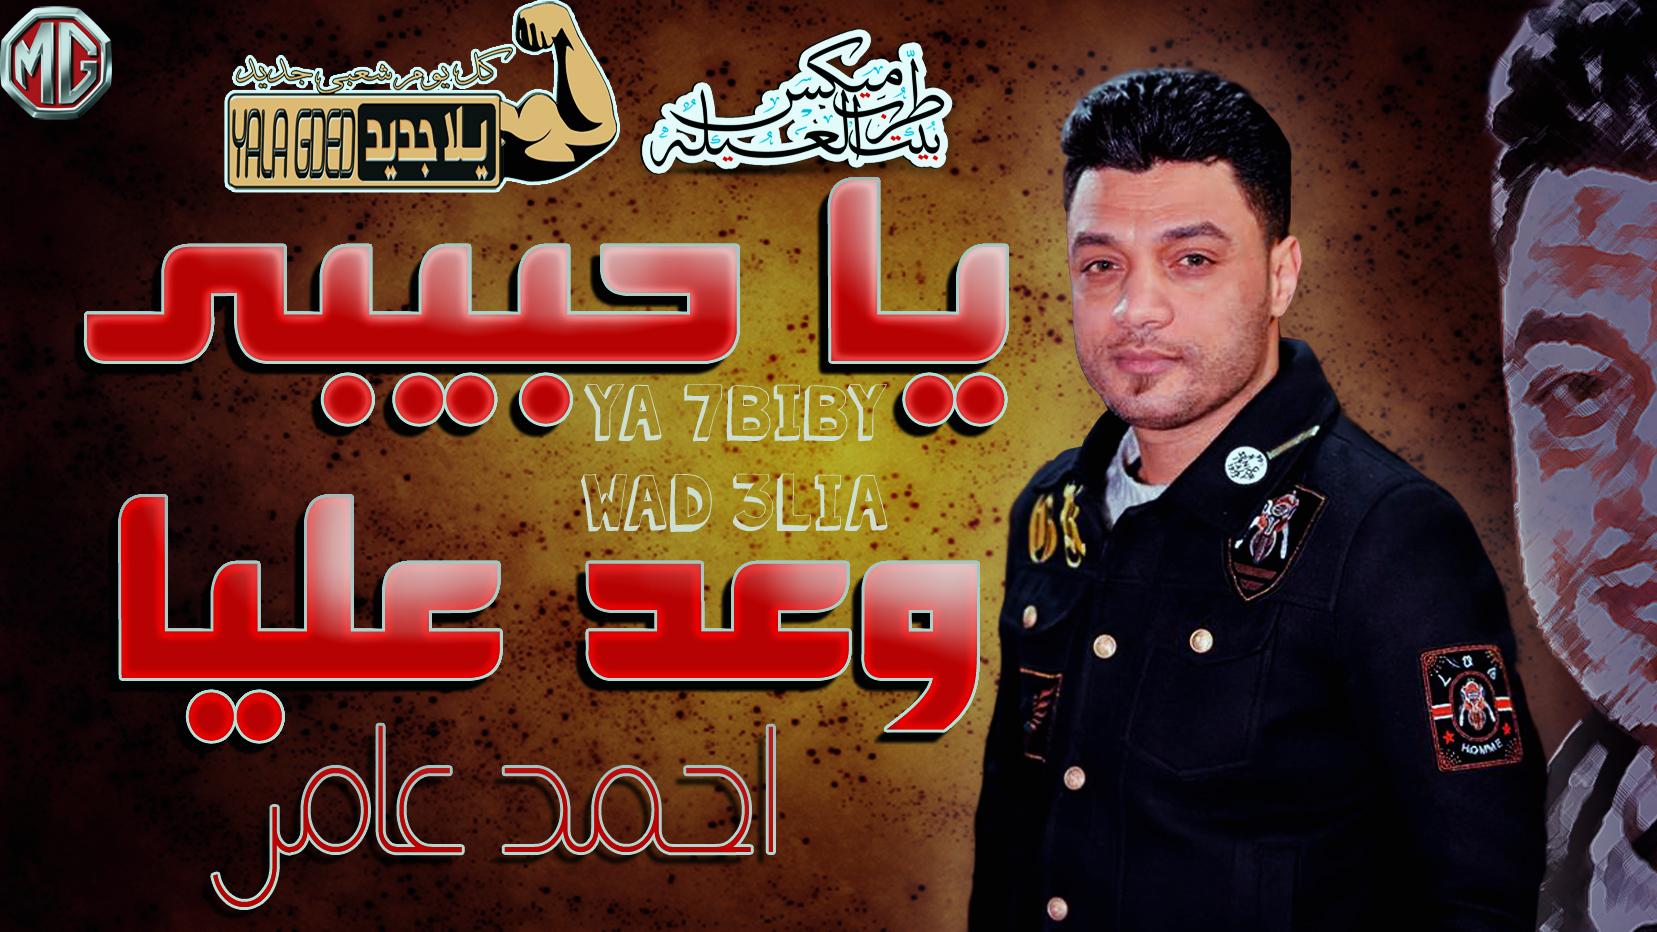 ياحبيبى وعد عليا 2019 | احمد عامر | اوشا مصر | هتكسر شوارع مصر |جديد وحصرى 2019